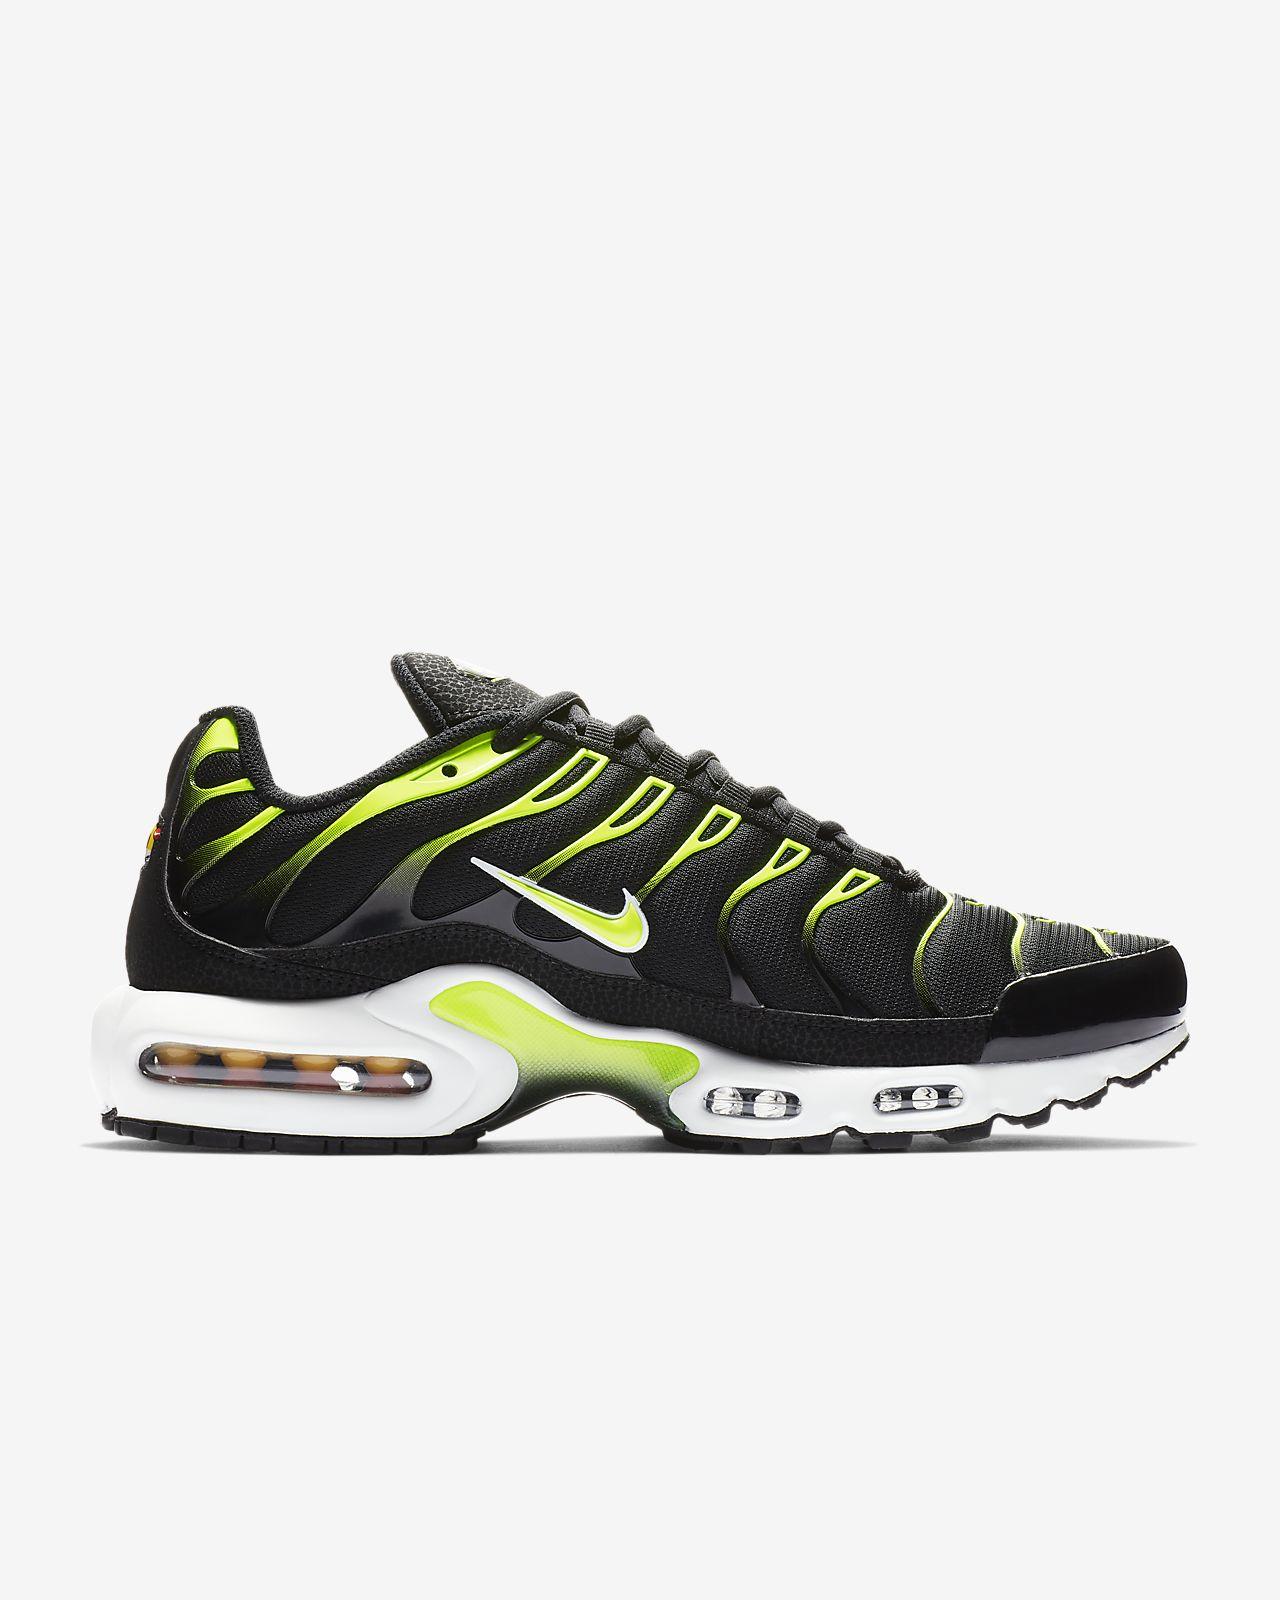 wholesale dealer c7778 ebc64 ... Chaussure Nike Air Max Plus pour Homme